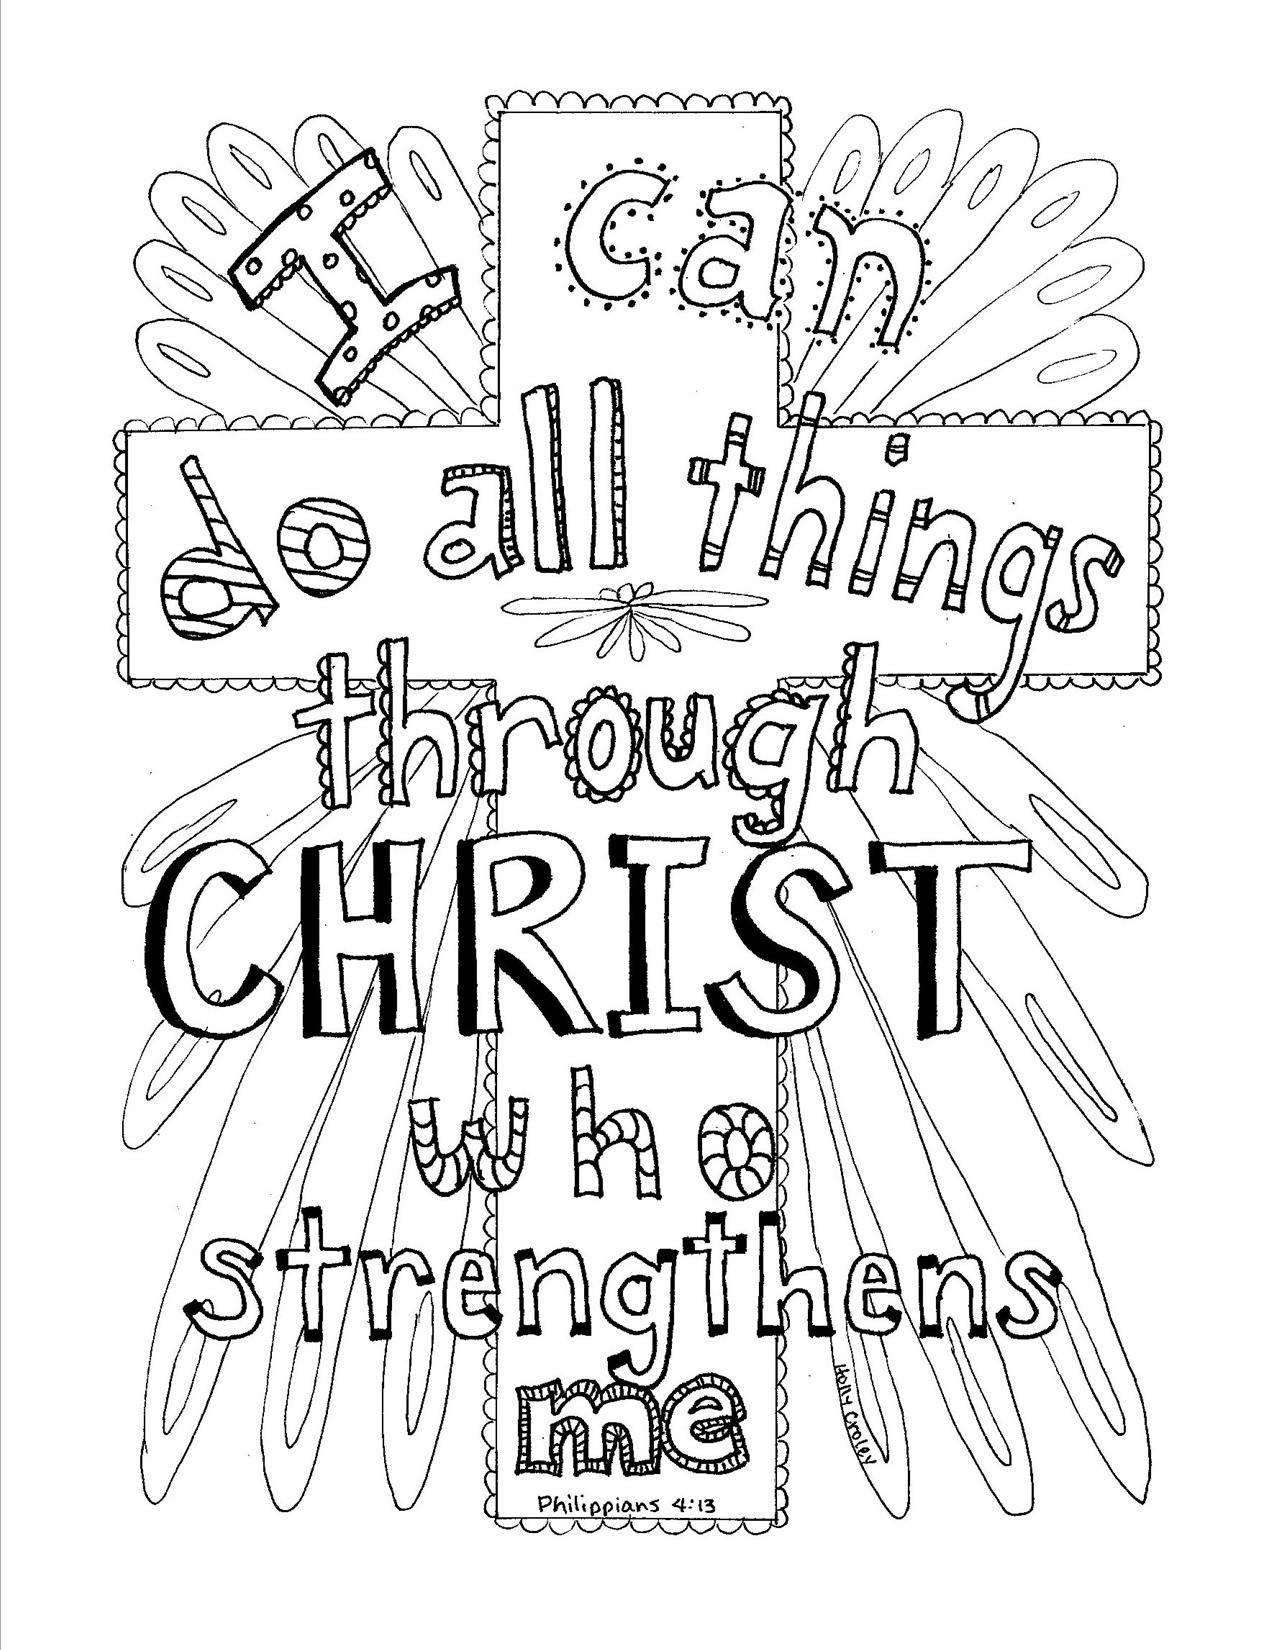 philippians 413 scripture coloring page